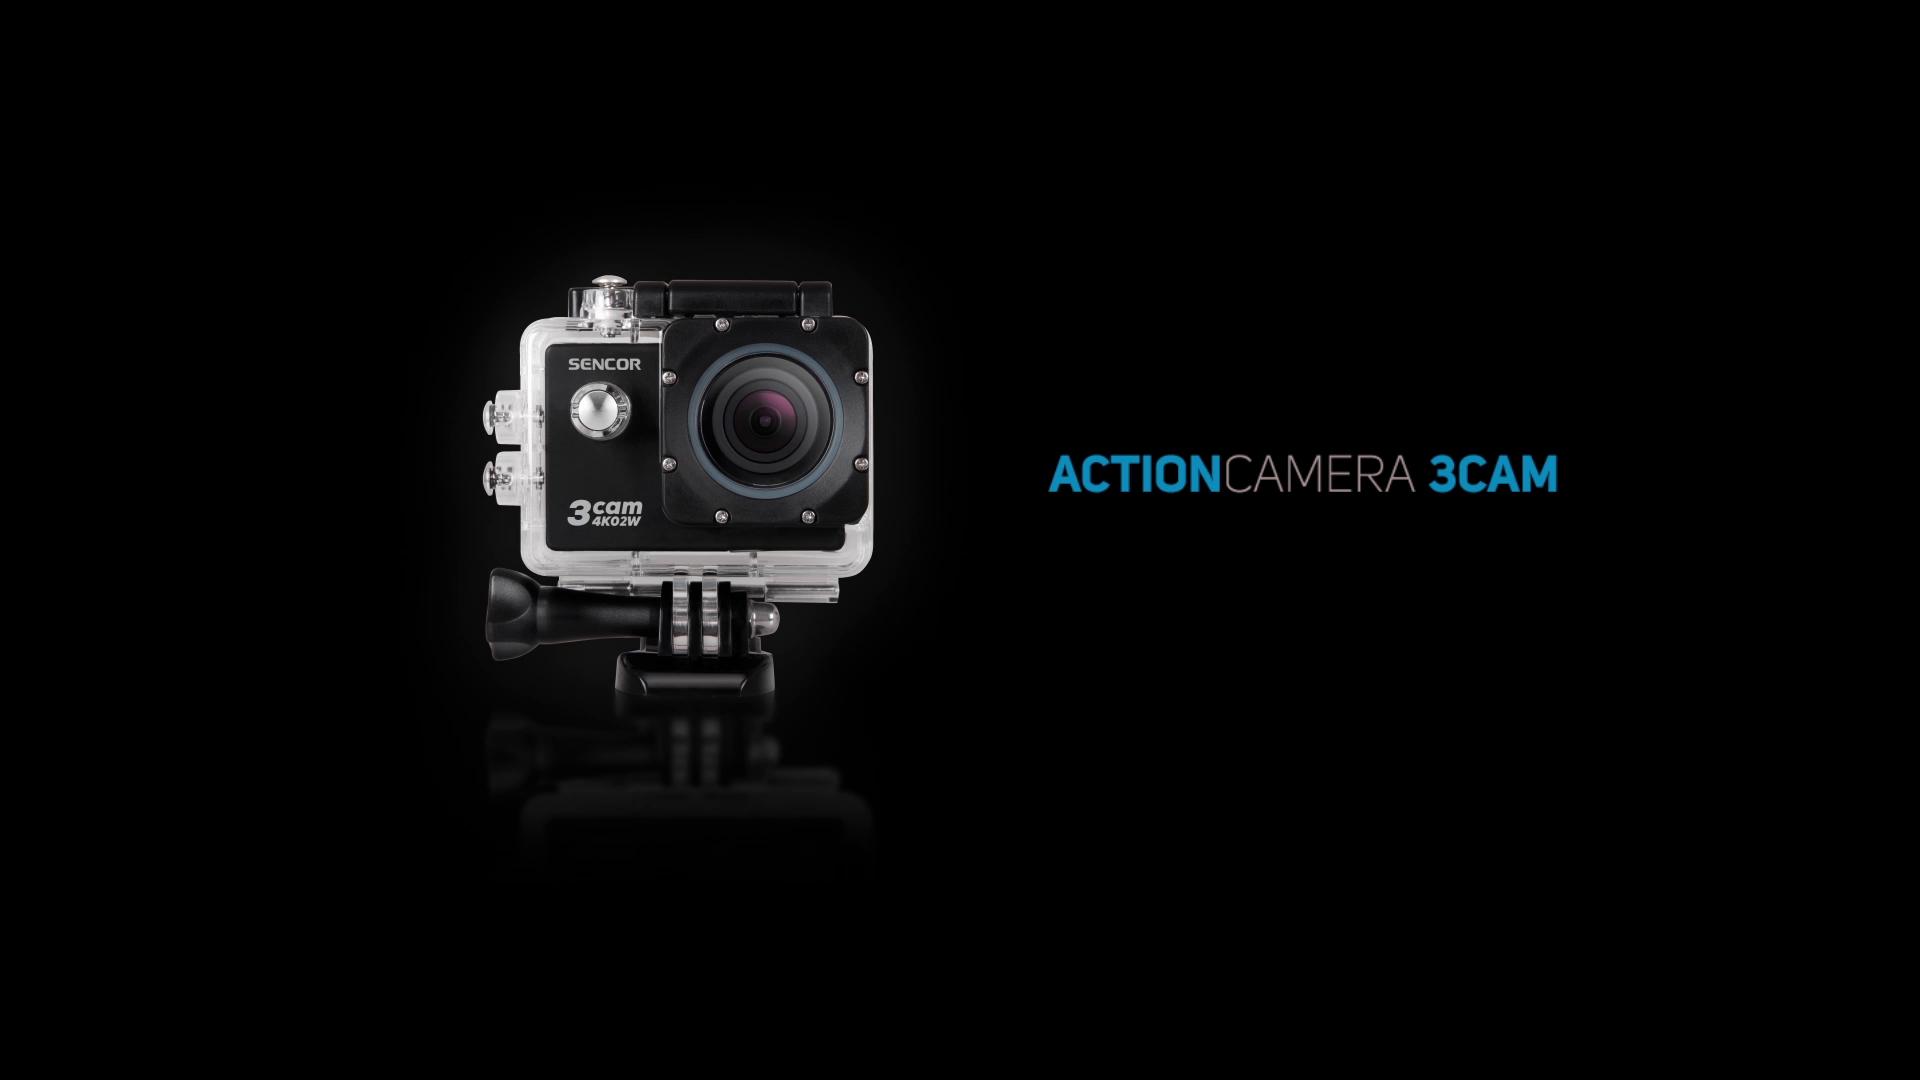 Na další akční kameru Sencor se může těšit Karolína Ž. z Roztok u Prahy. Soutěžte také!